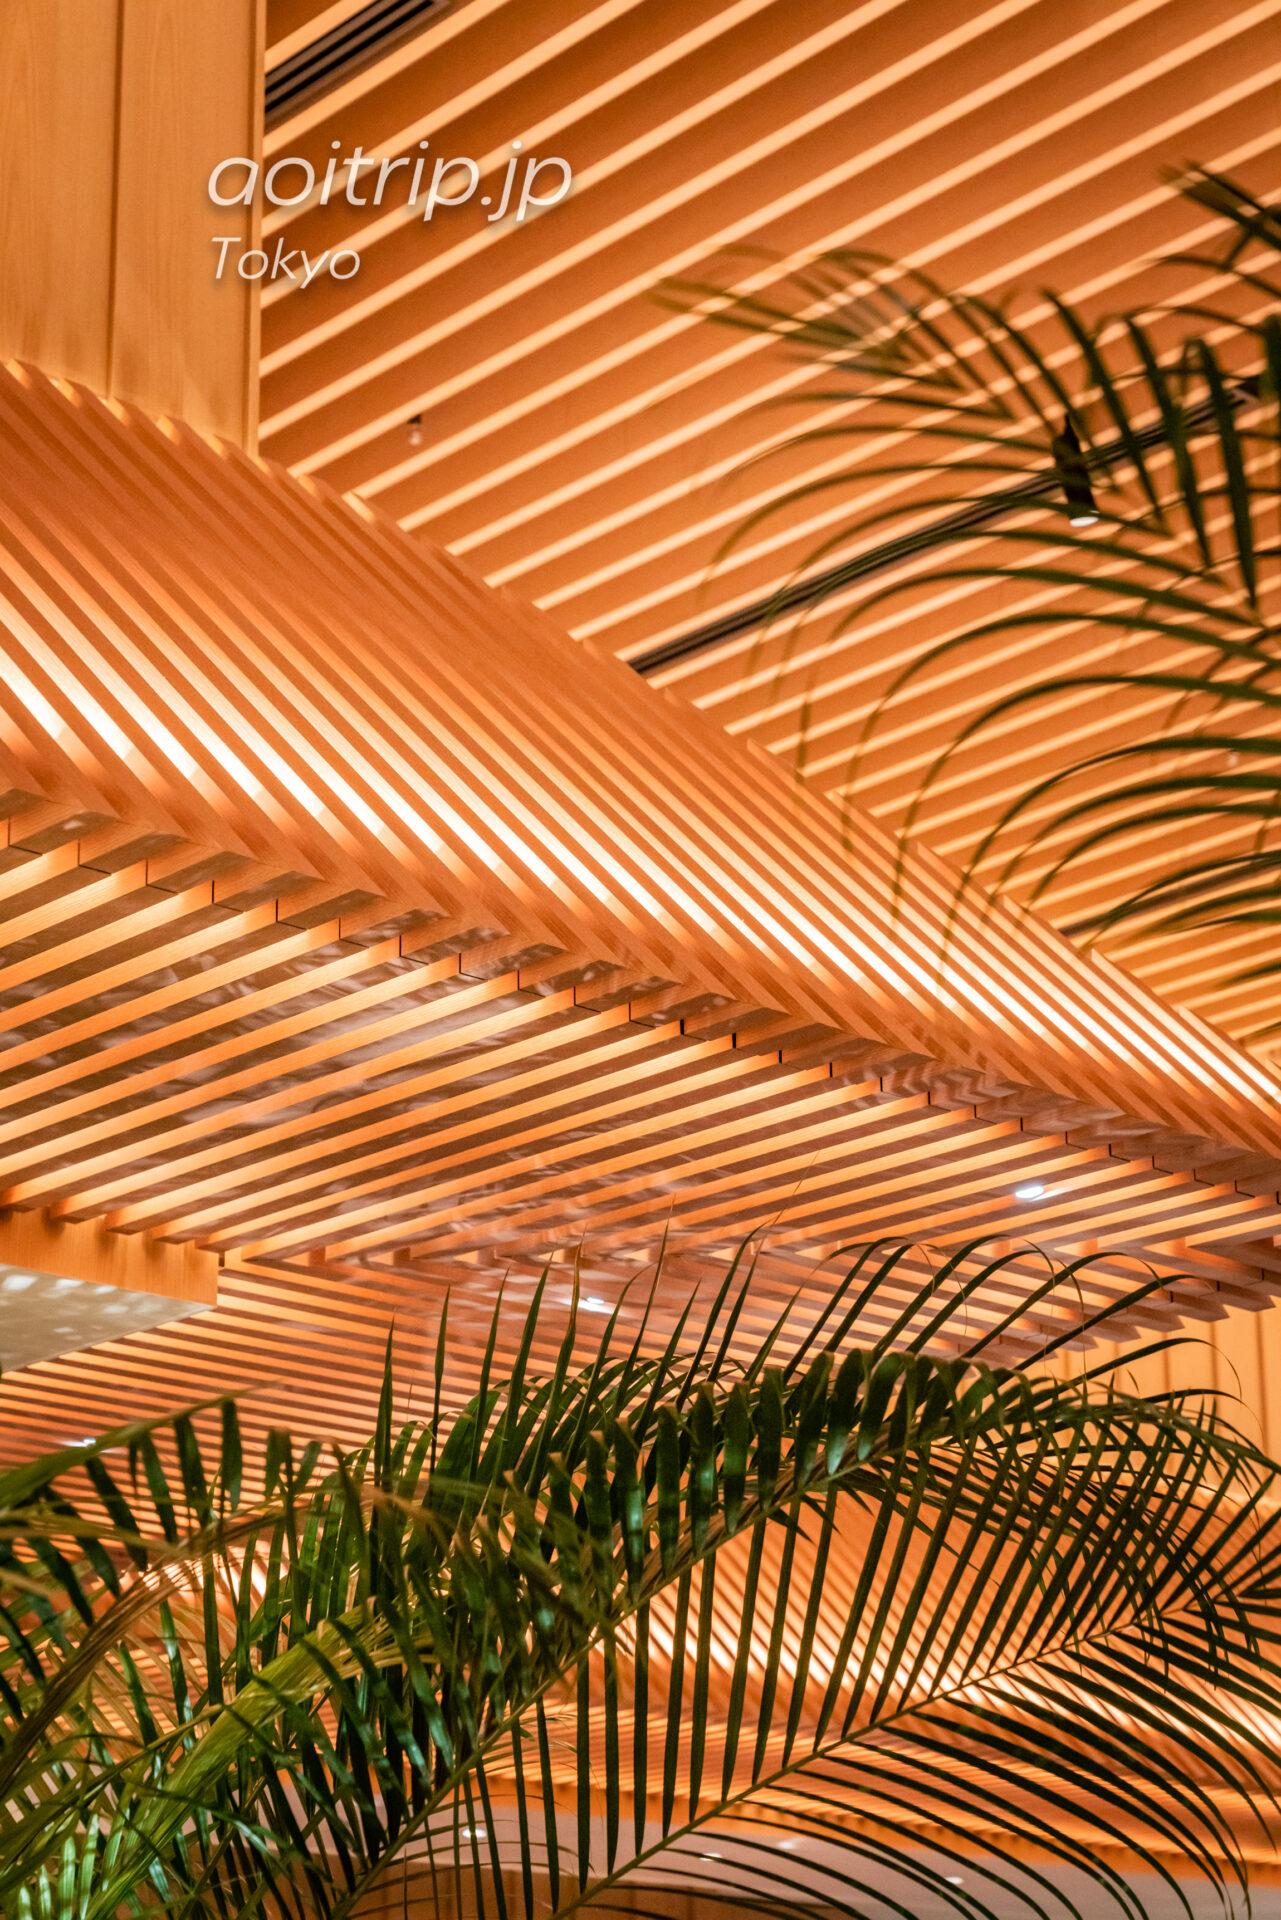 建築家 隈研吾氏が設計した寺院から着想を得た天井部の「大和張り」